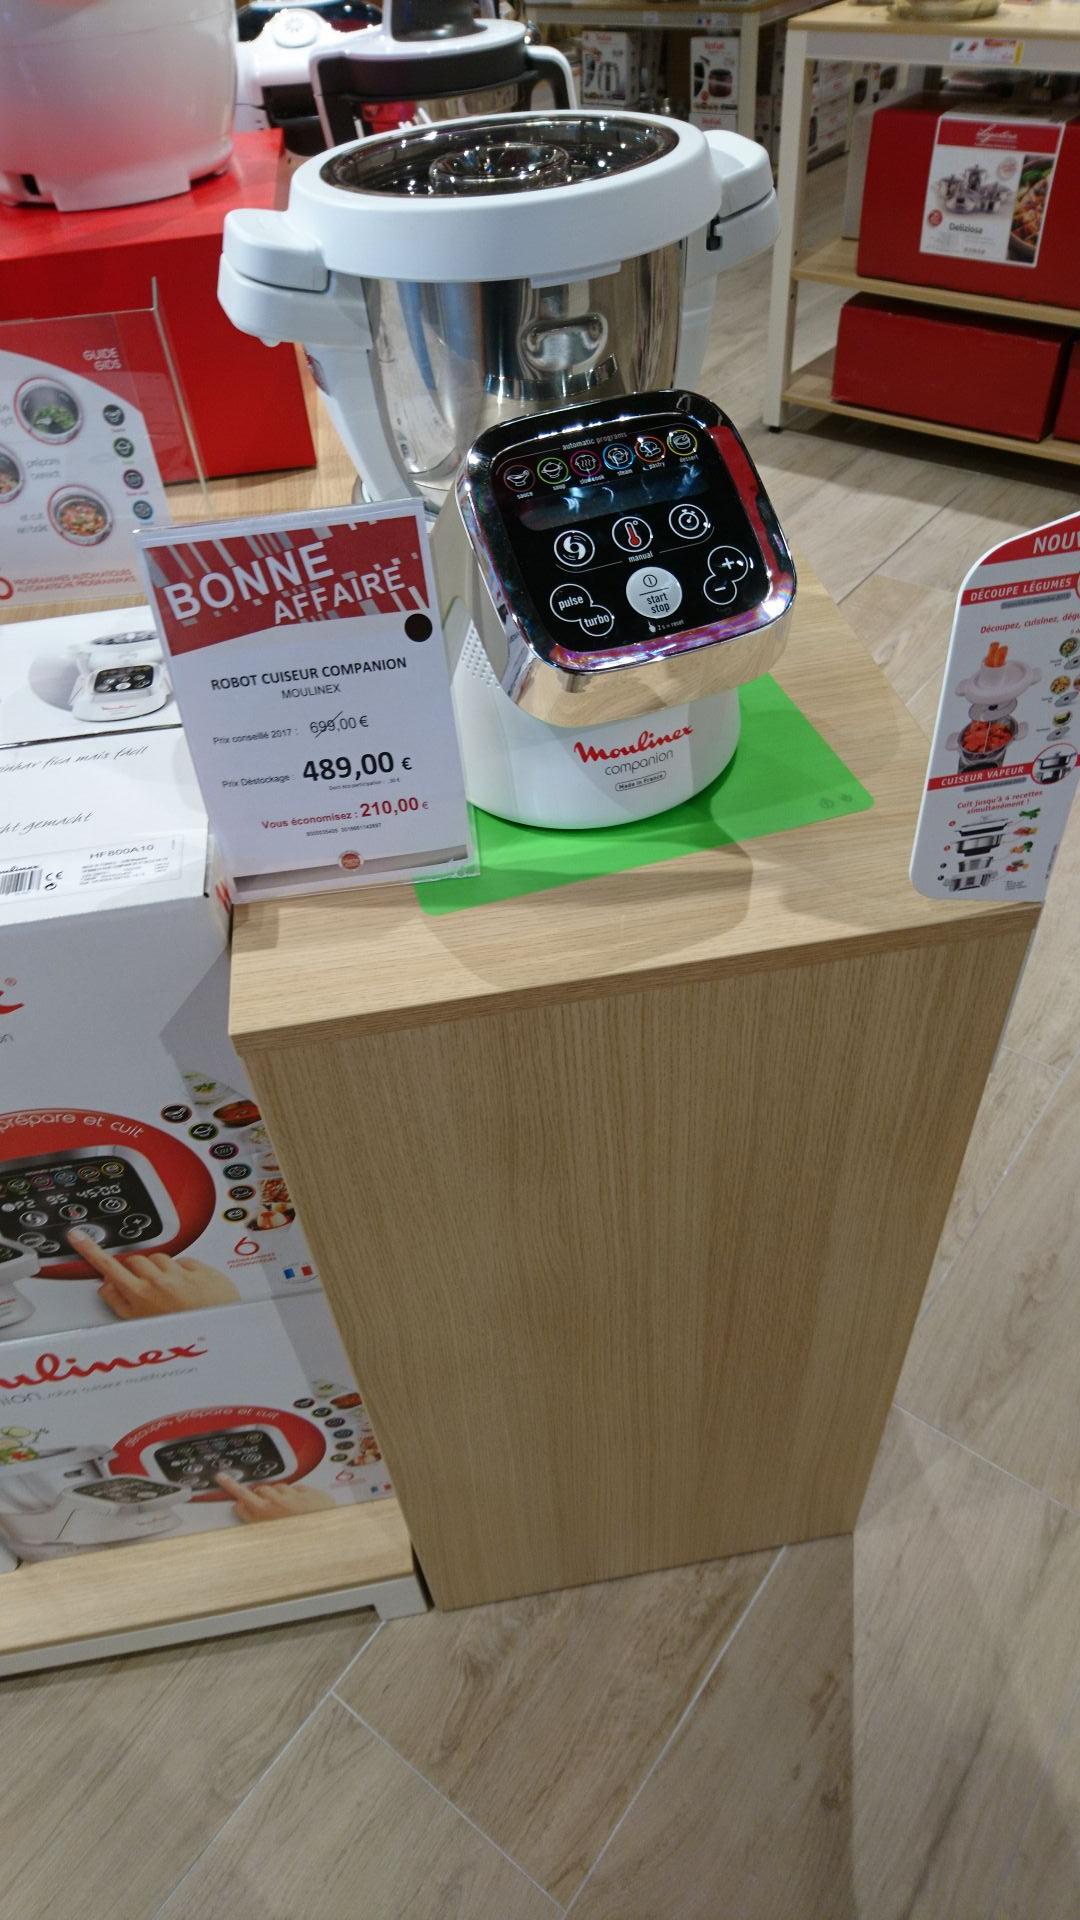 Robot de cuisine multifonction Moulinex Companion HF800A10 - Home & Cook Village des Marques (38)